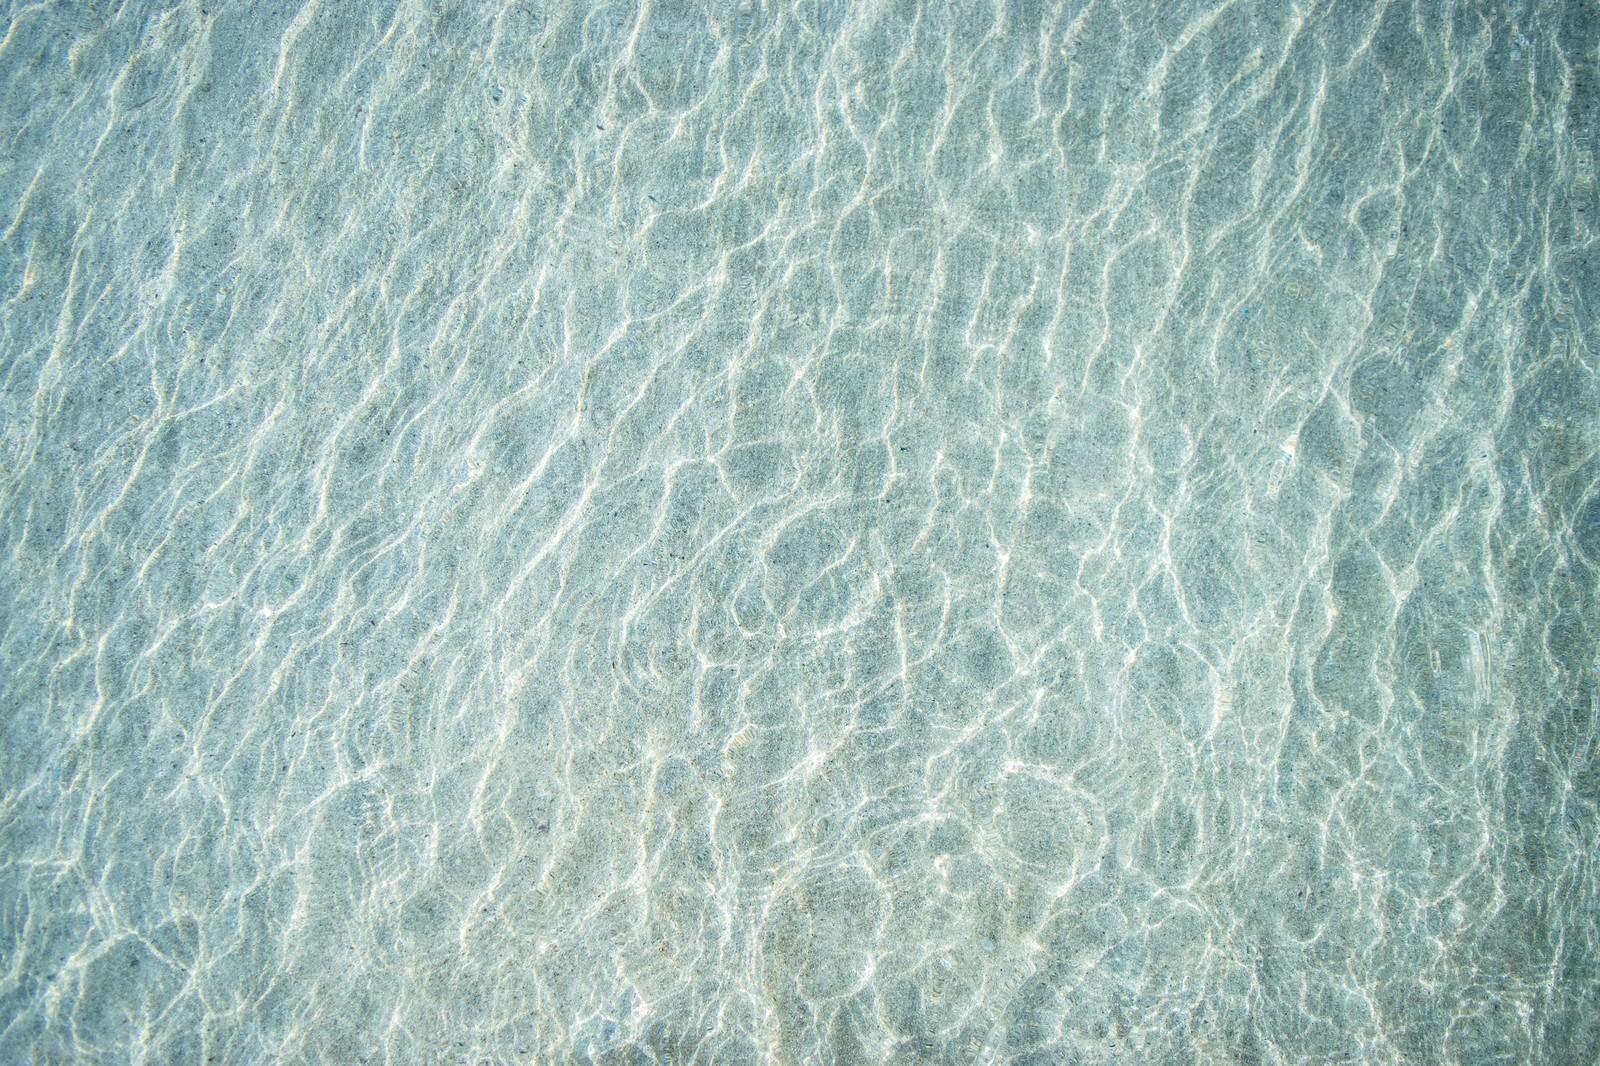 「浅瀬のテクスチャ」の写真